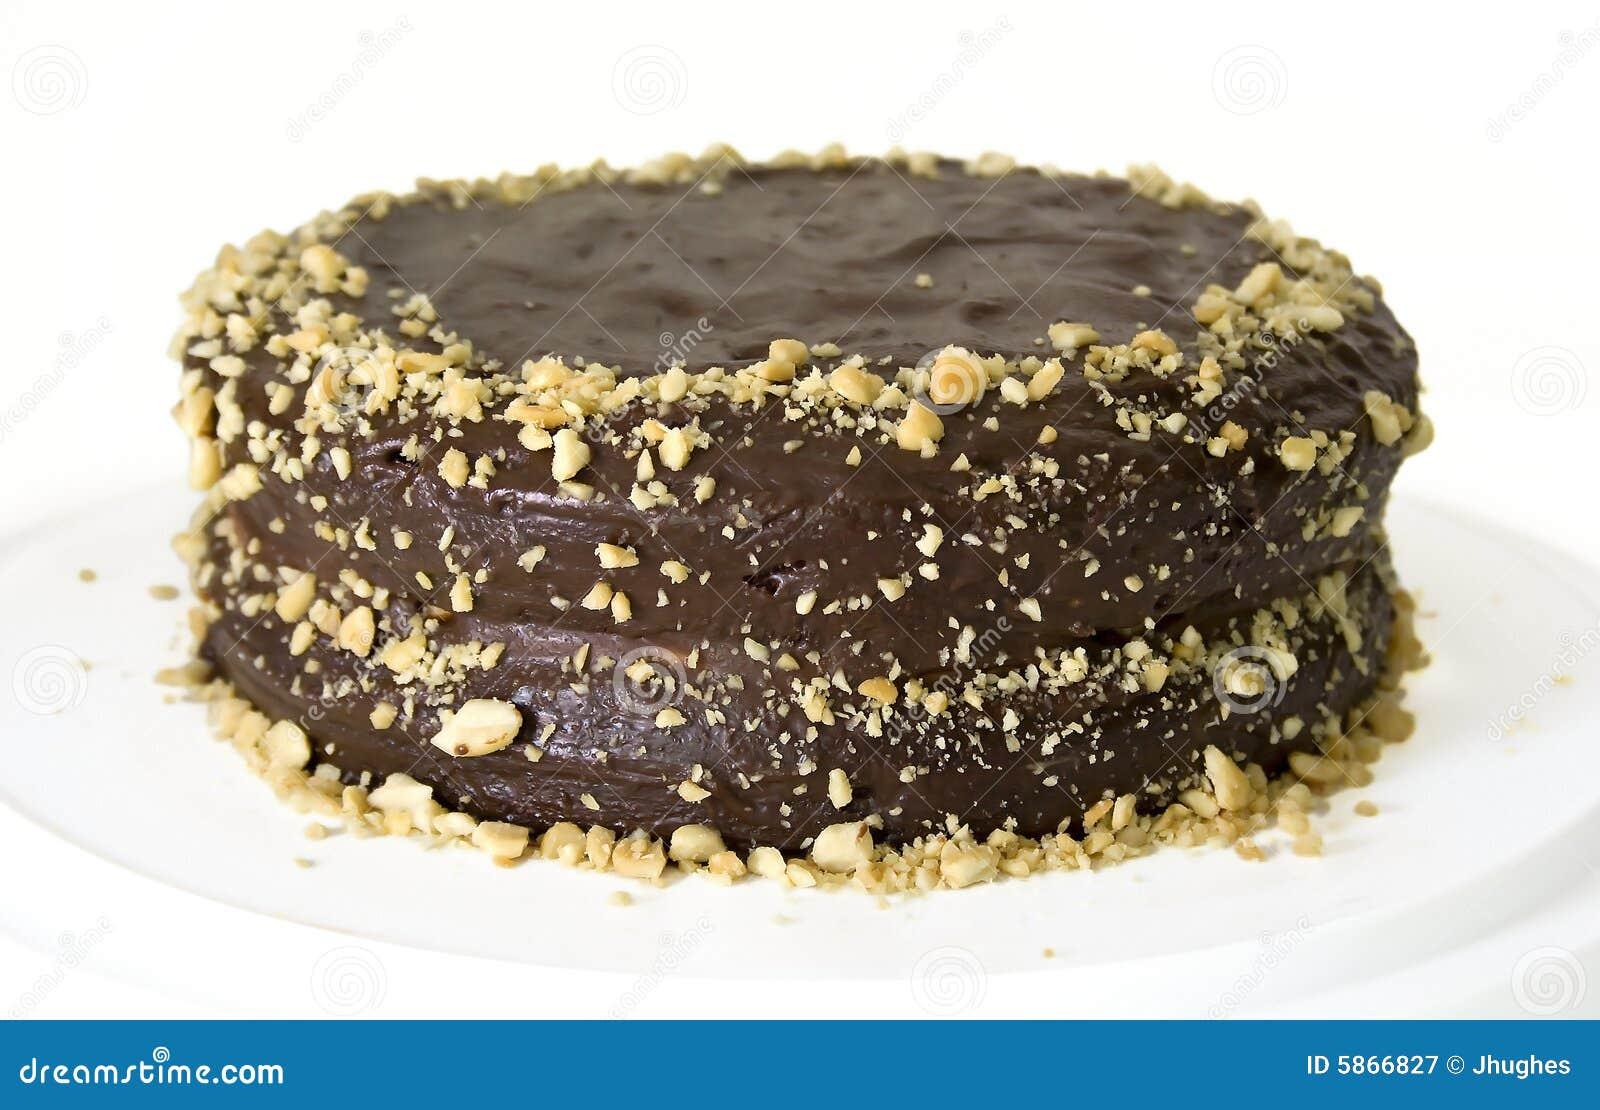 Chocolate layer birthday cake with chocolate ganache glaze frosting ...